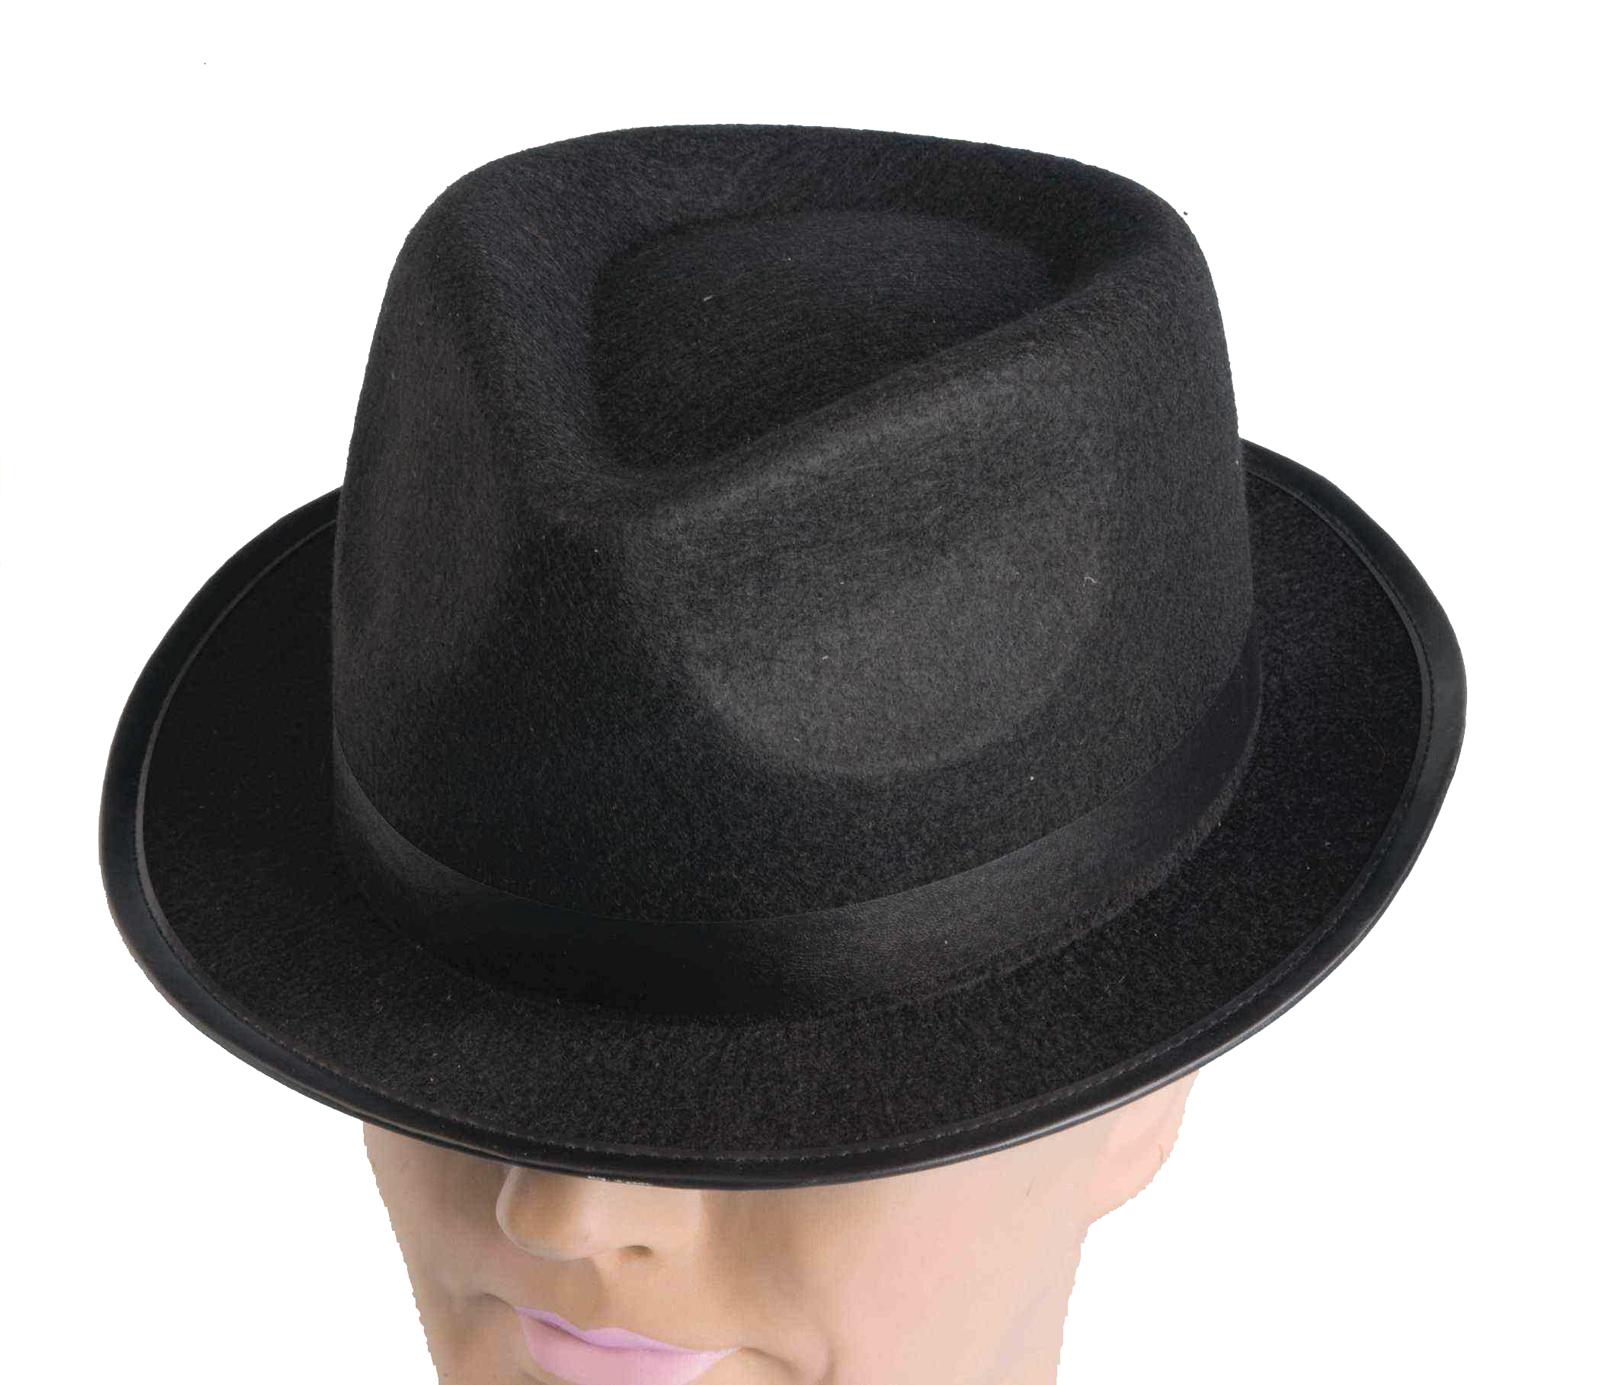 http://images.buycostumes.com/mgen/merchandiser/21666.jpg